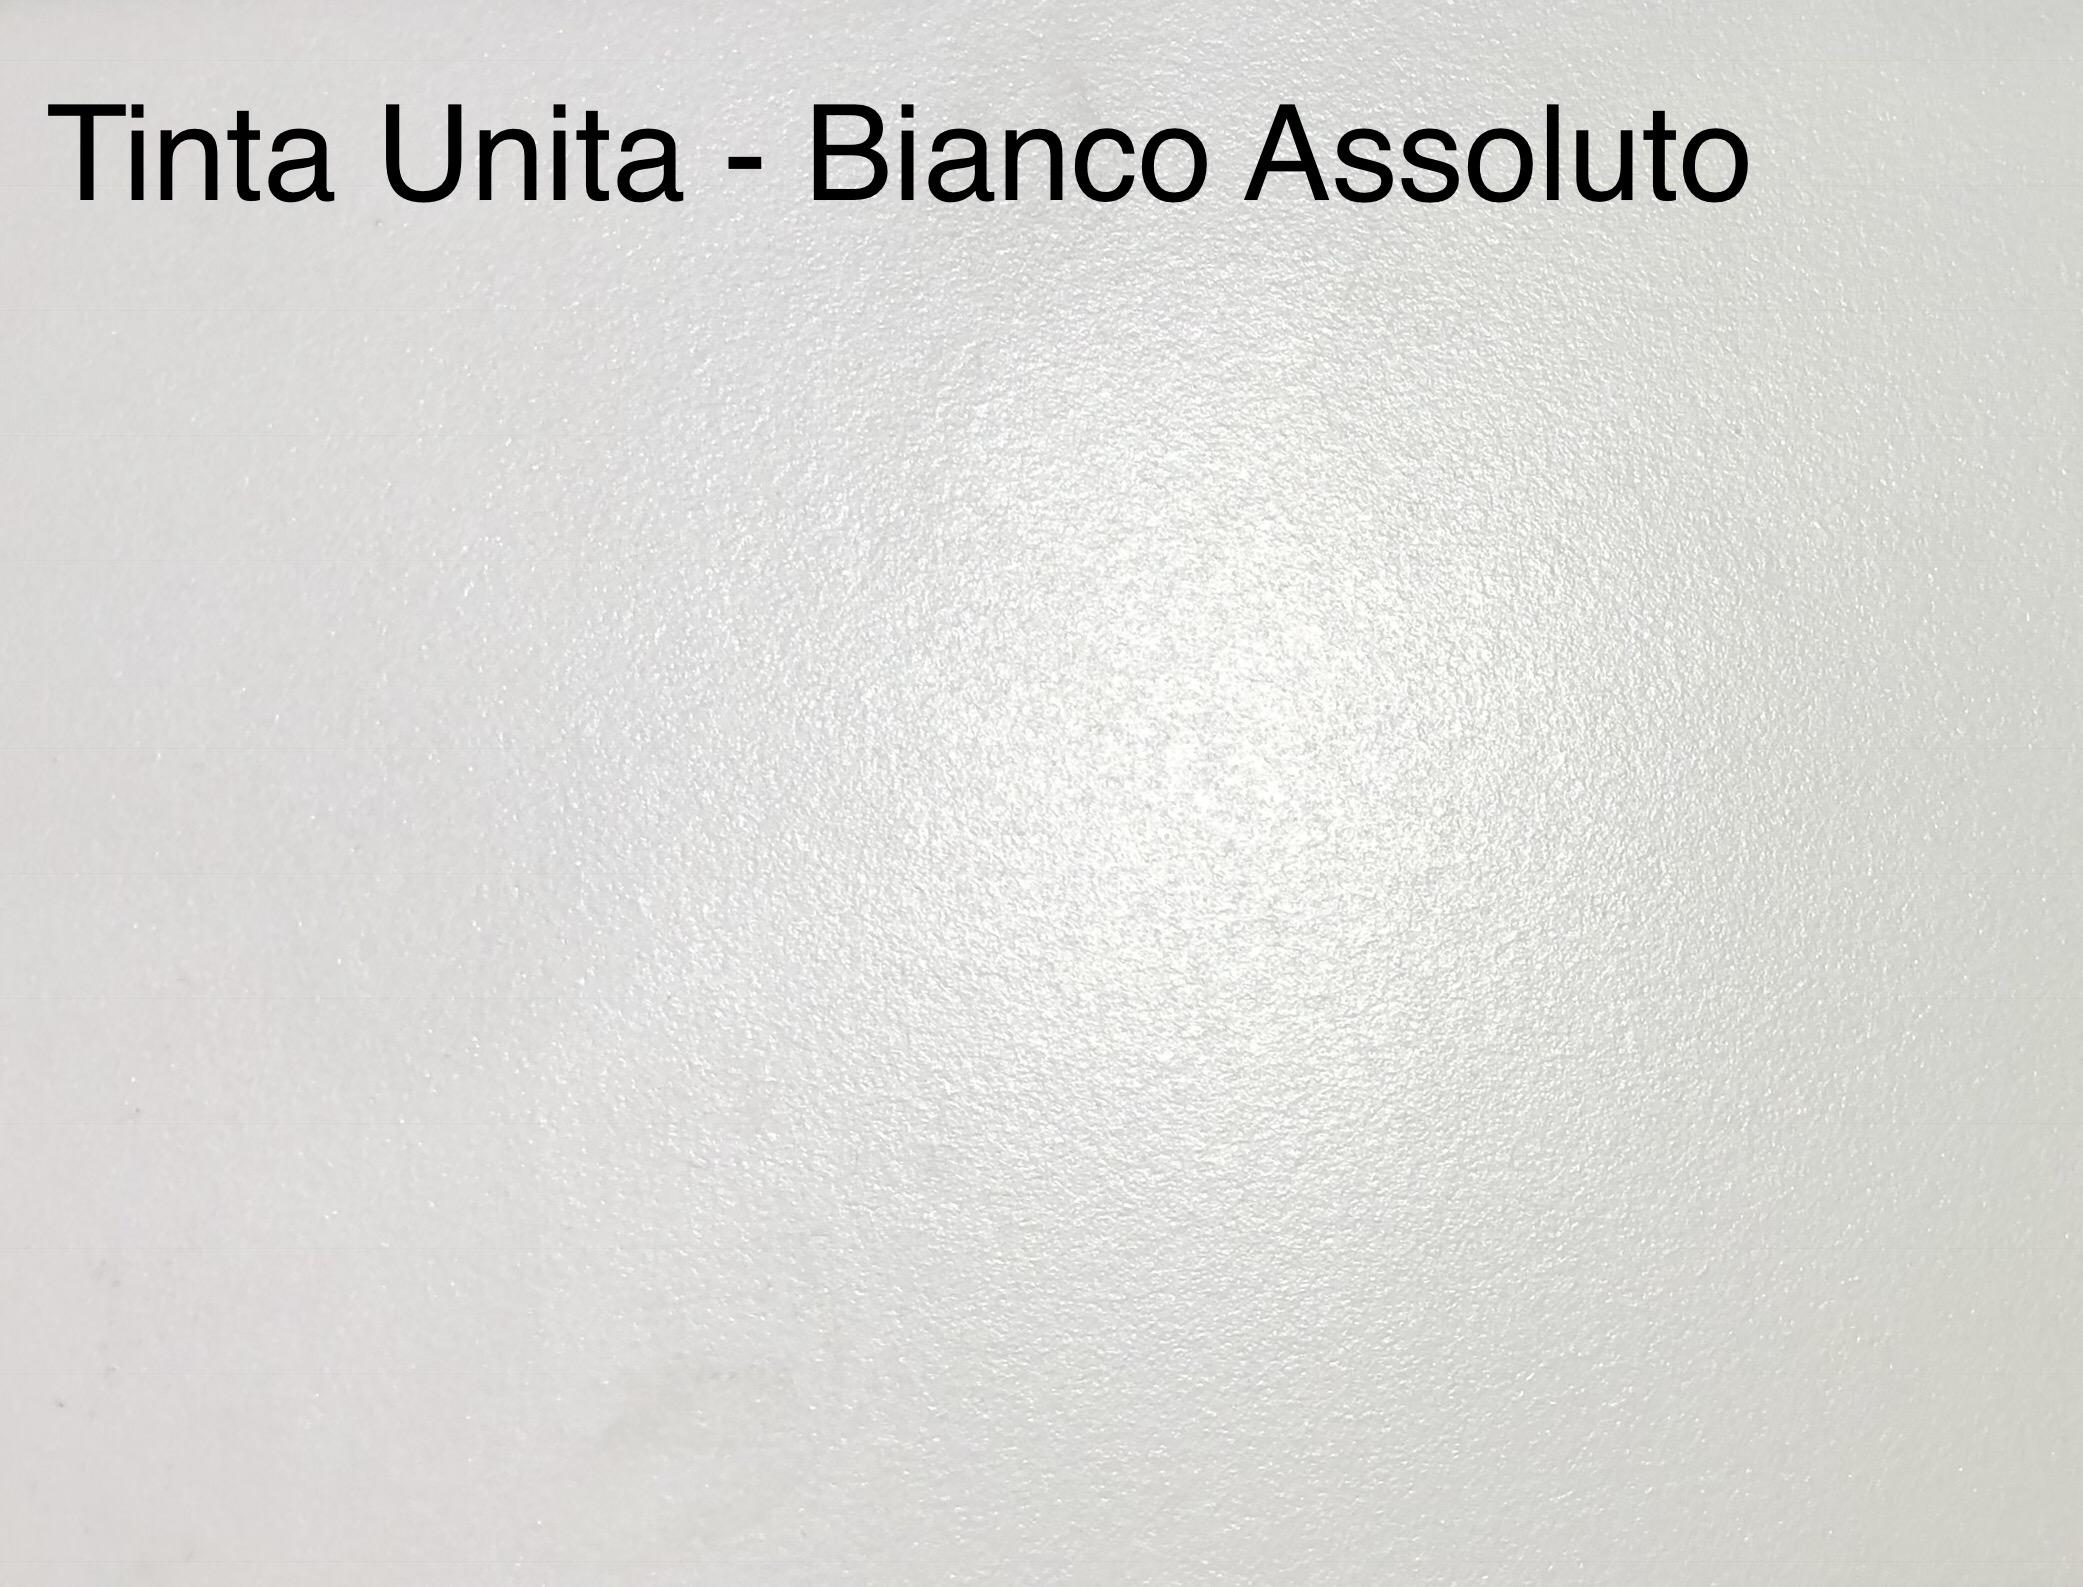 TINTA UNITA - BIANCO ASSOLUTO